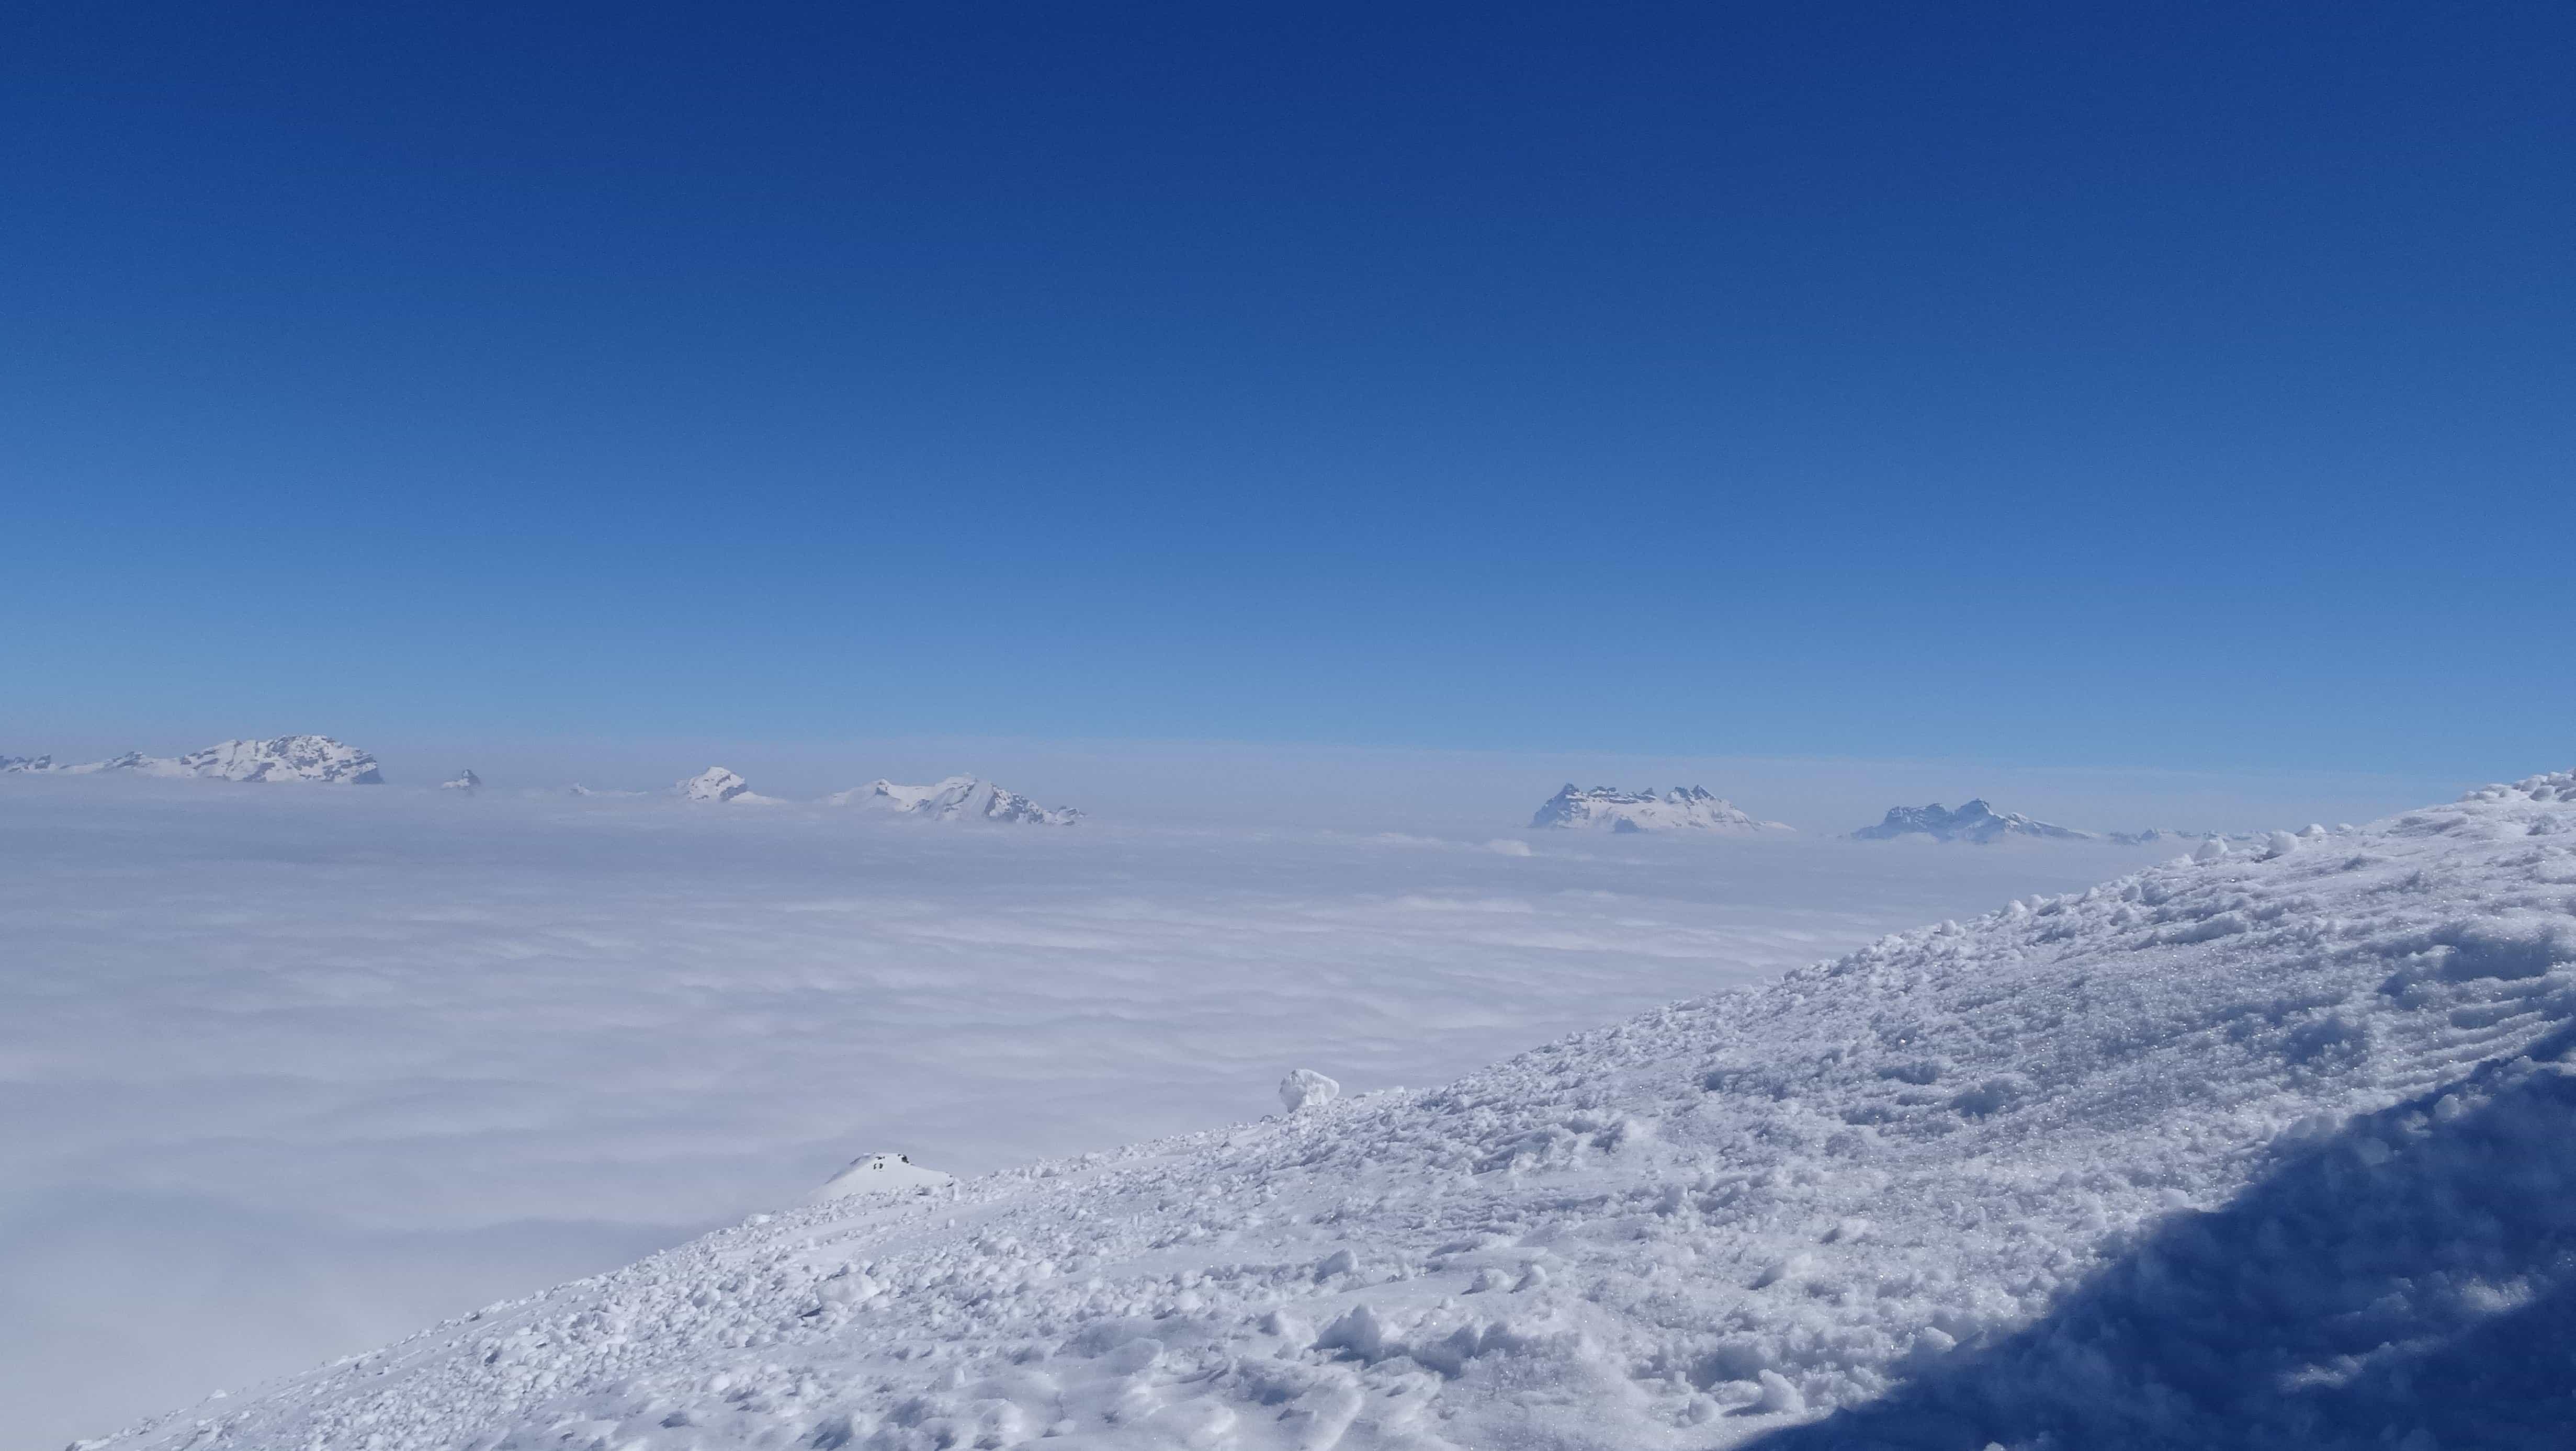 Wallpaper Full Color Hd Free Picture Blue Sky Ridge Altitude Winter Snow